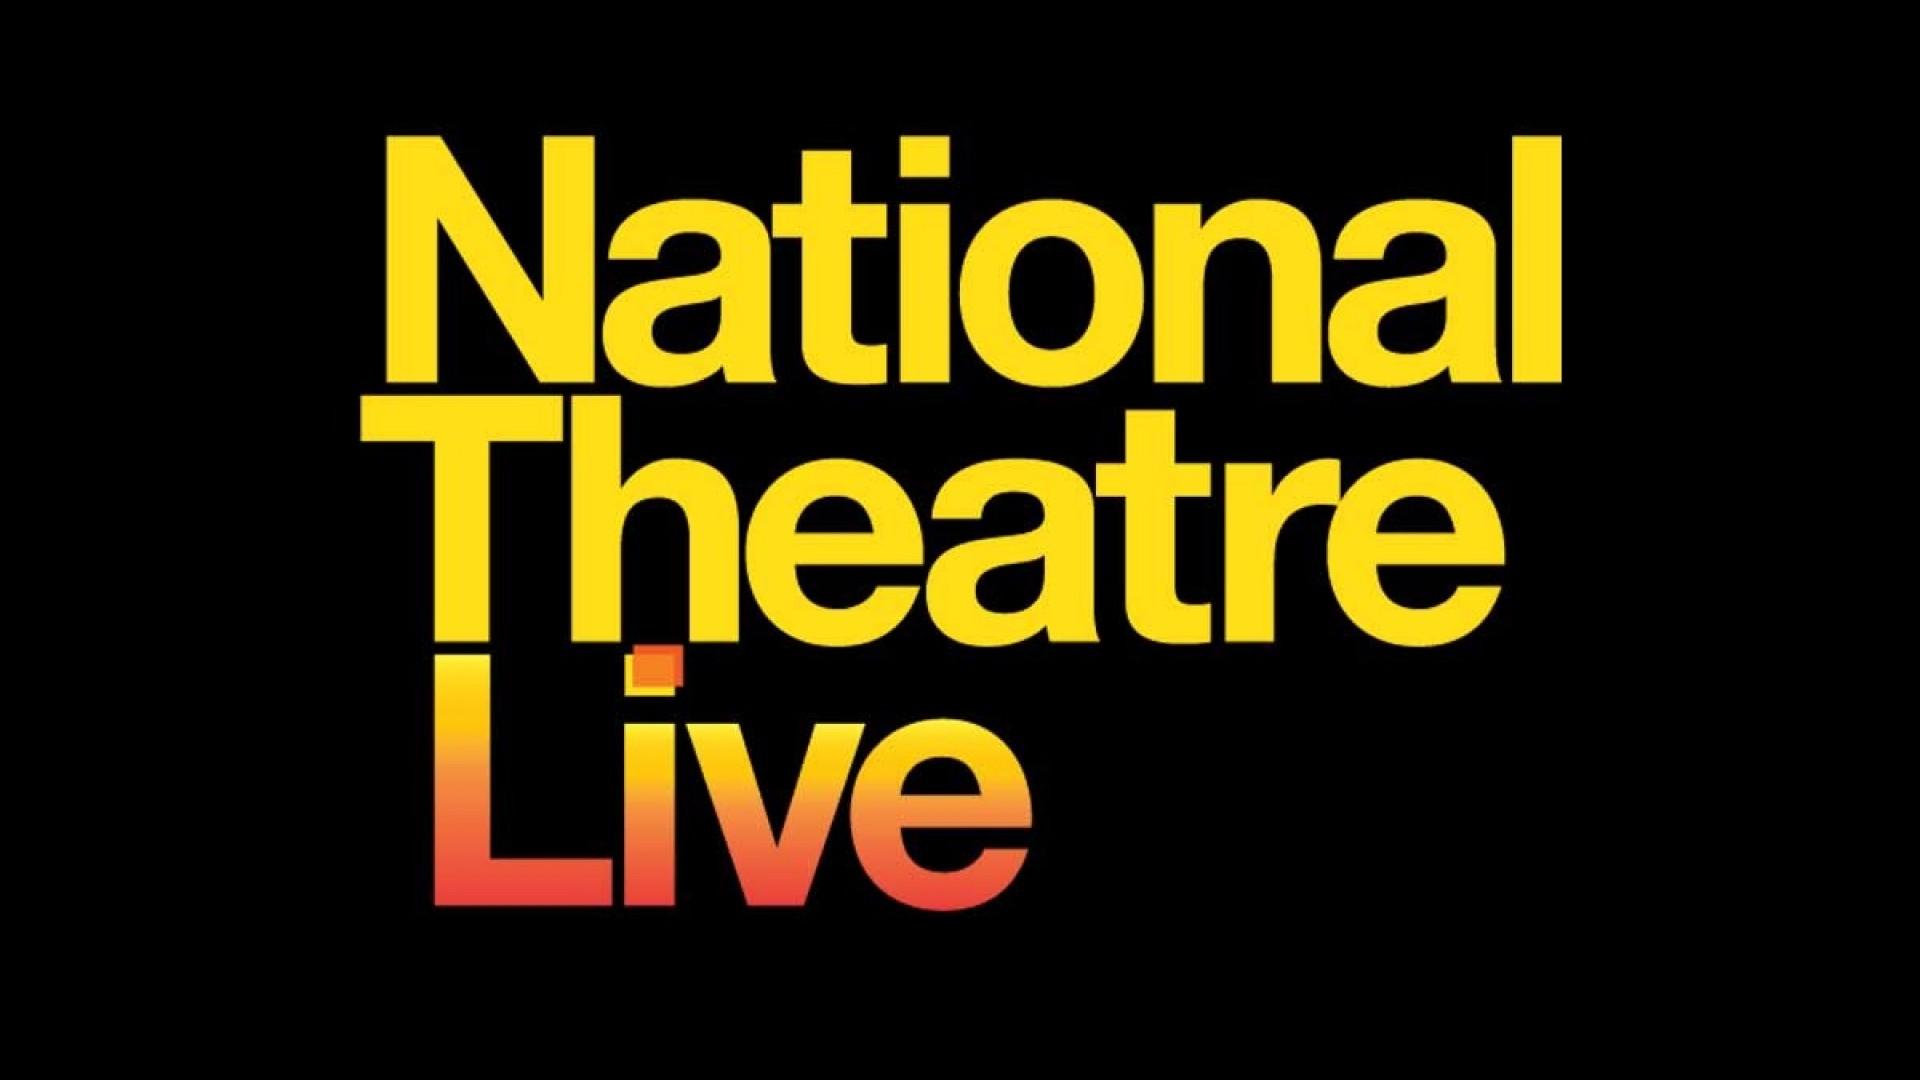 Torna el teatre de National Theatre Live